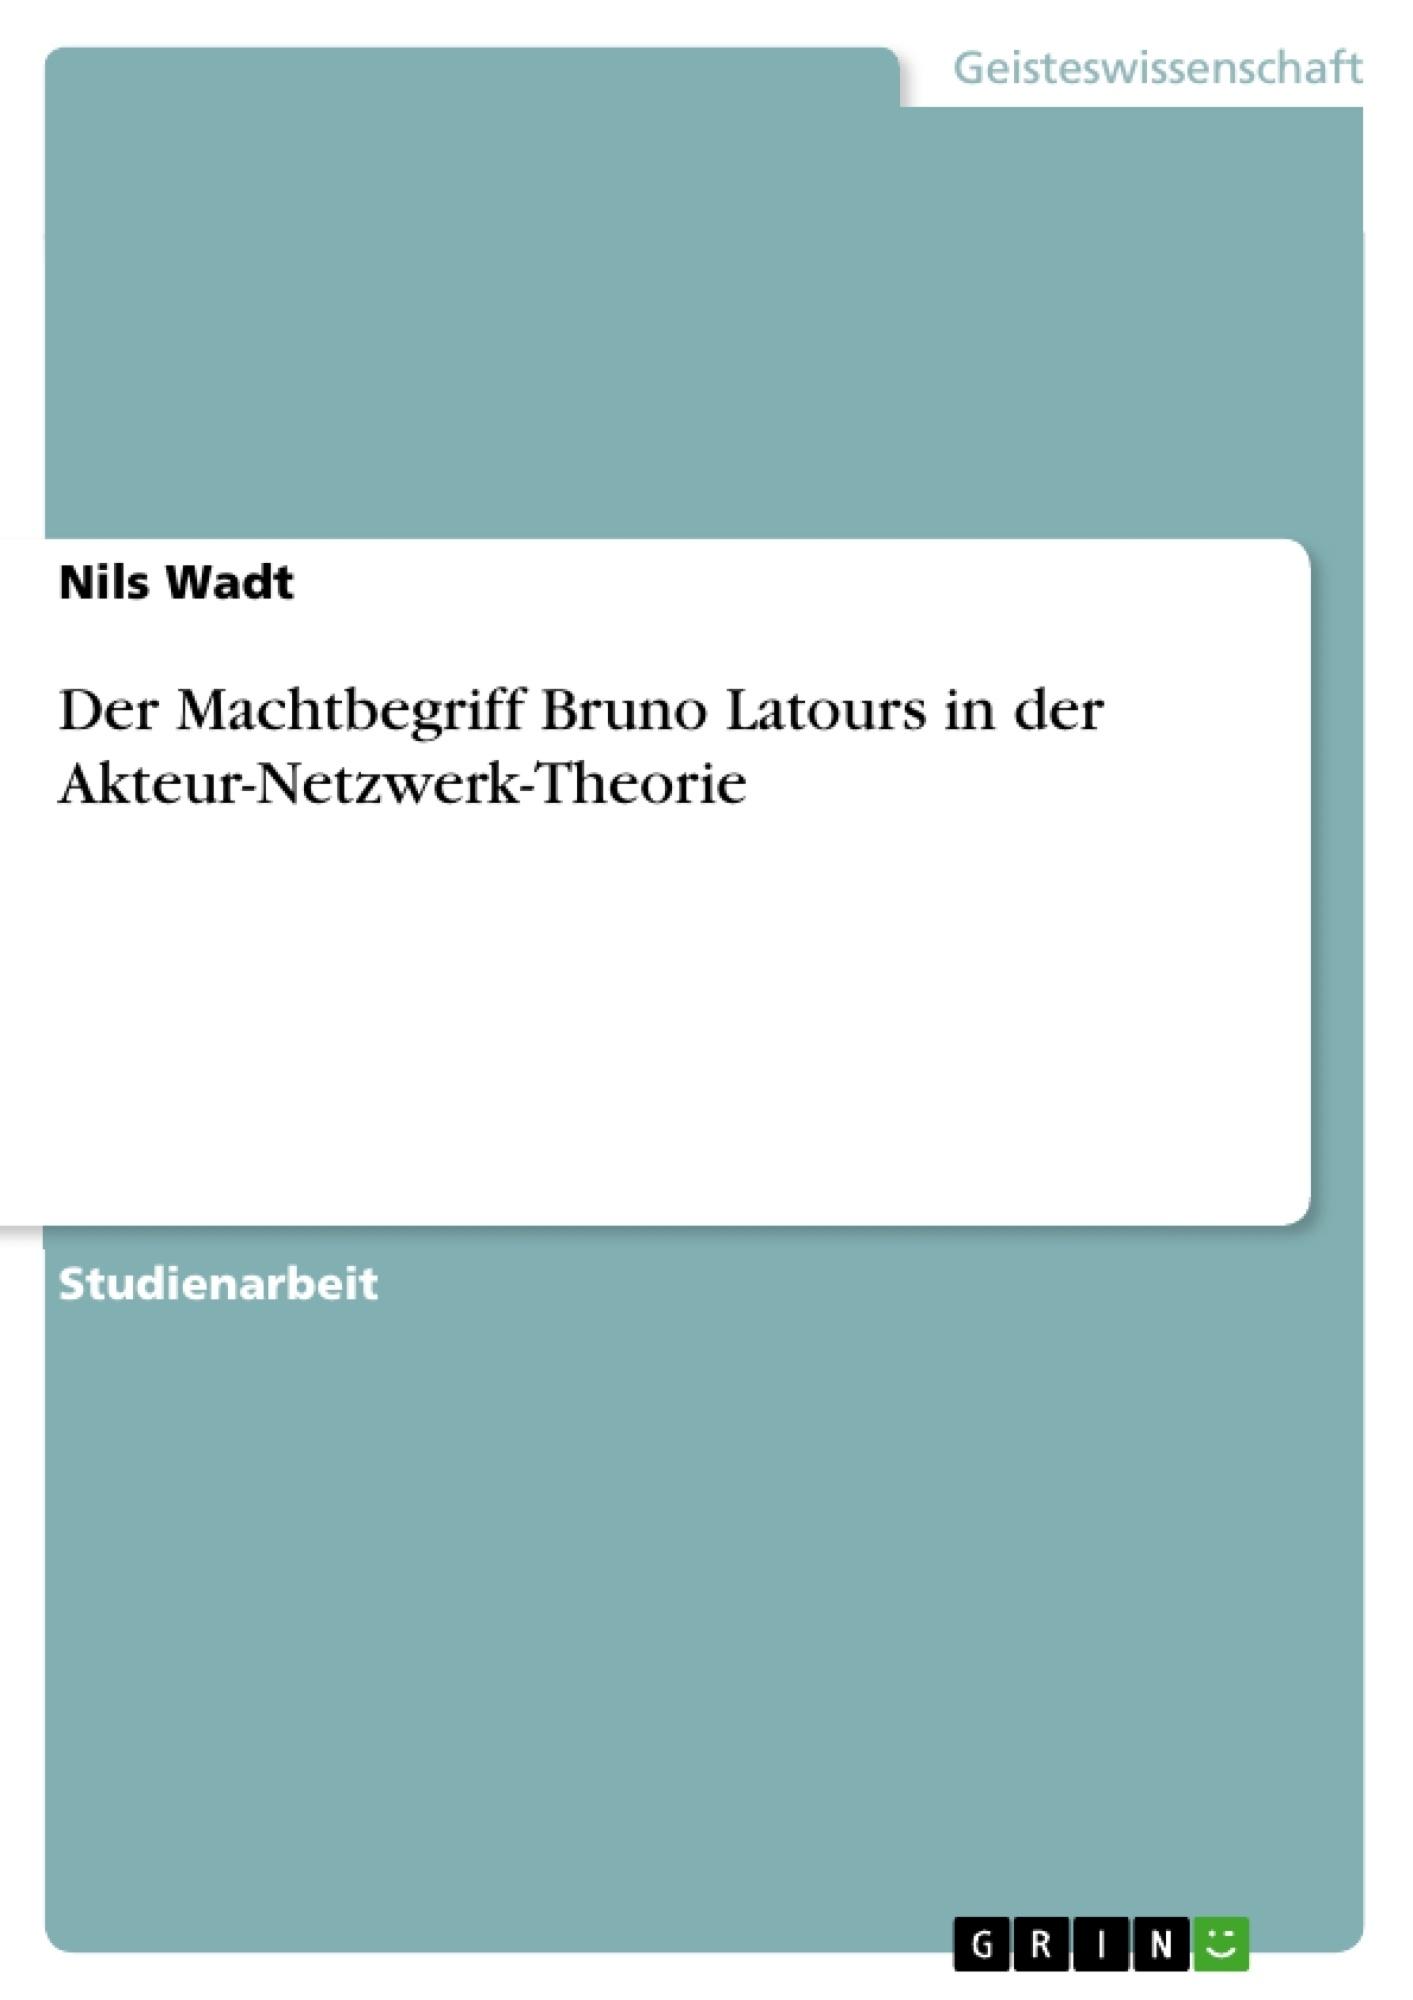 Titel: Der Machtbegriff Bruno Latours in der Akteur-Netzwerk-Theorie